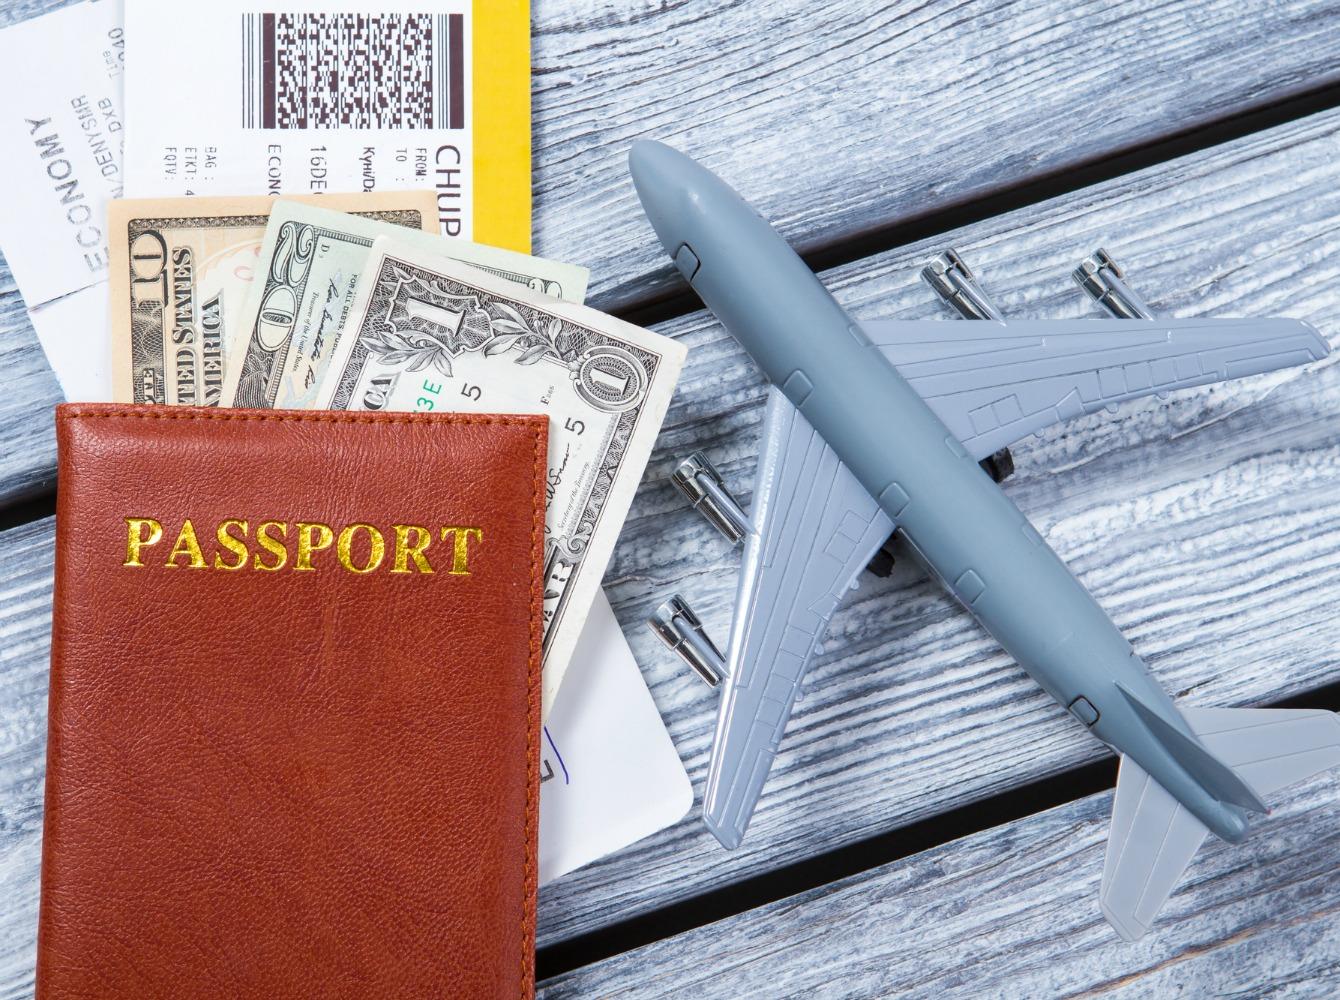 海外旅行保険はクレジットカードだけで大丈夫?